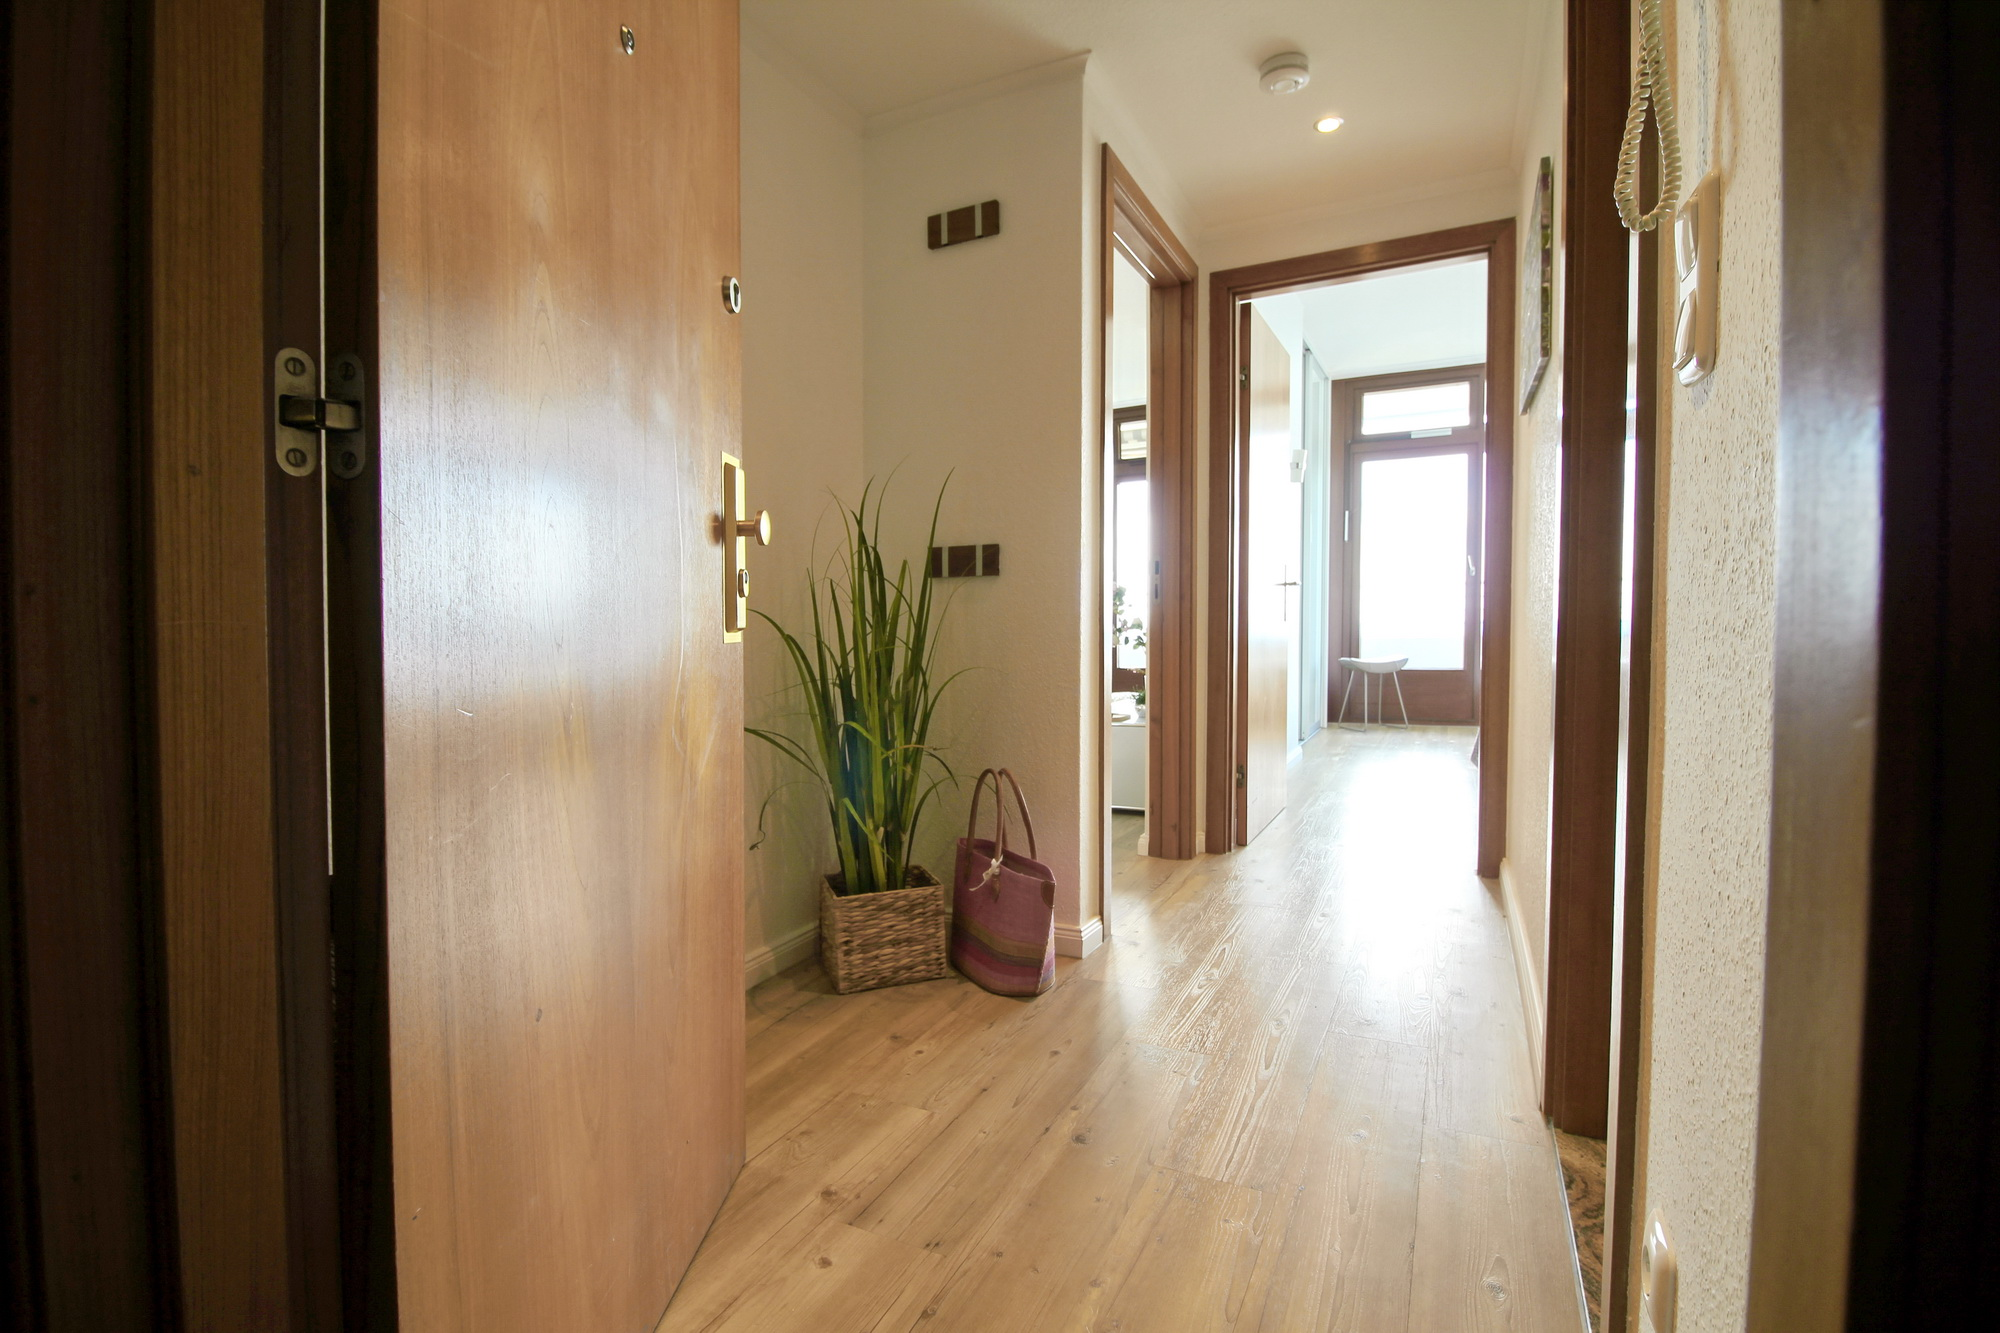 einrichtungsberatung f r eine 2 zimmer ferienwohnung in l beck travem nde agentur homemade. Black Bedroom Furniture Sets. Home Design Ideas